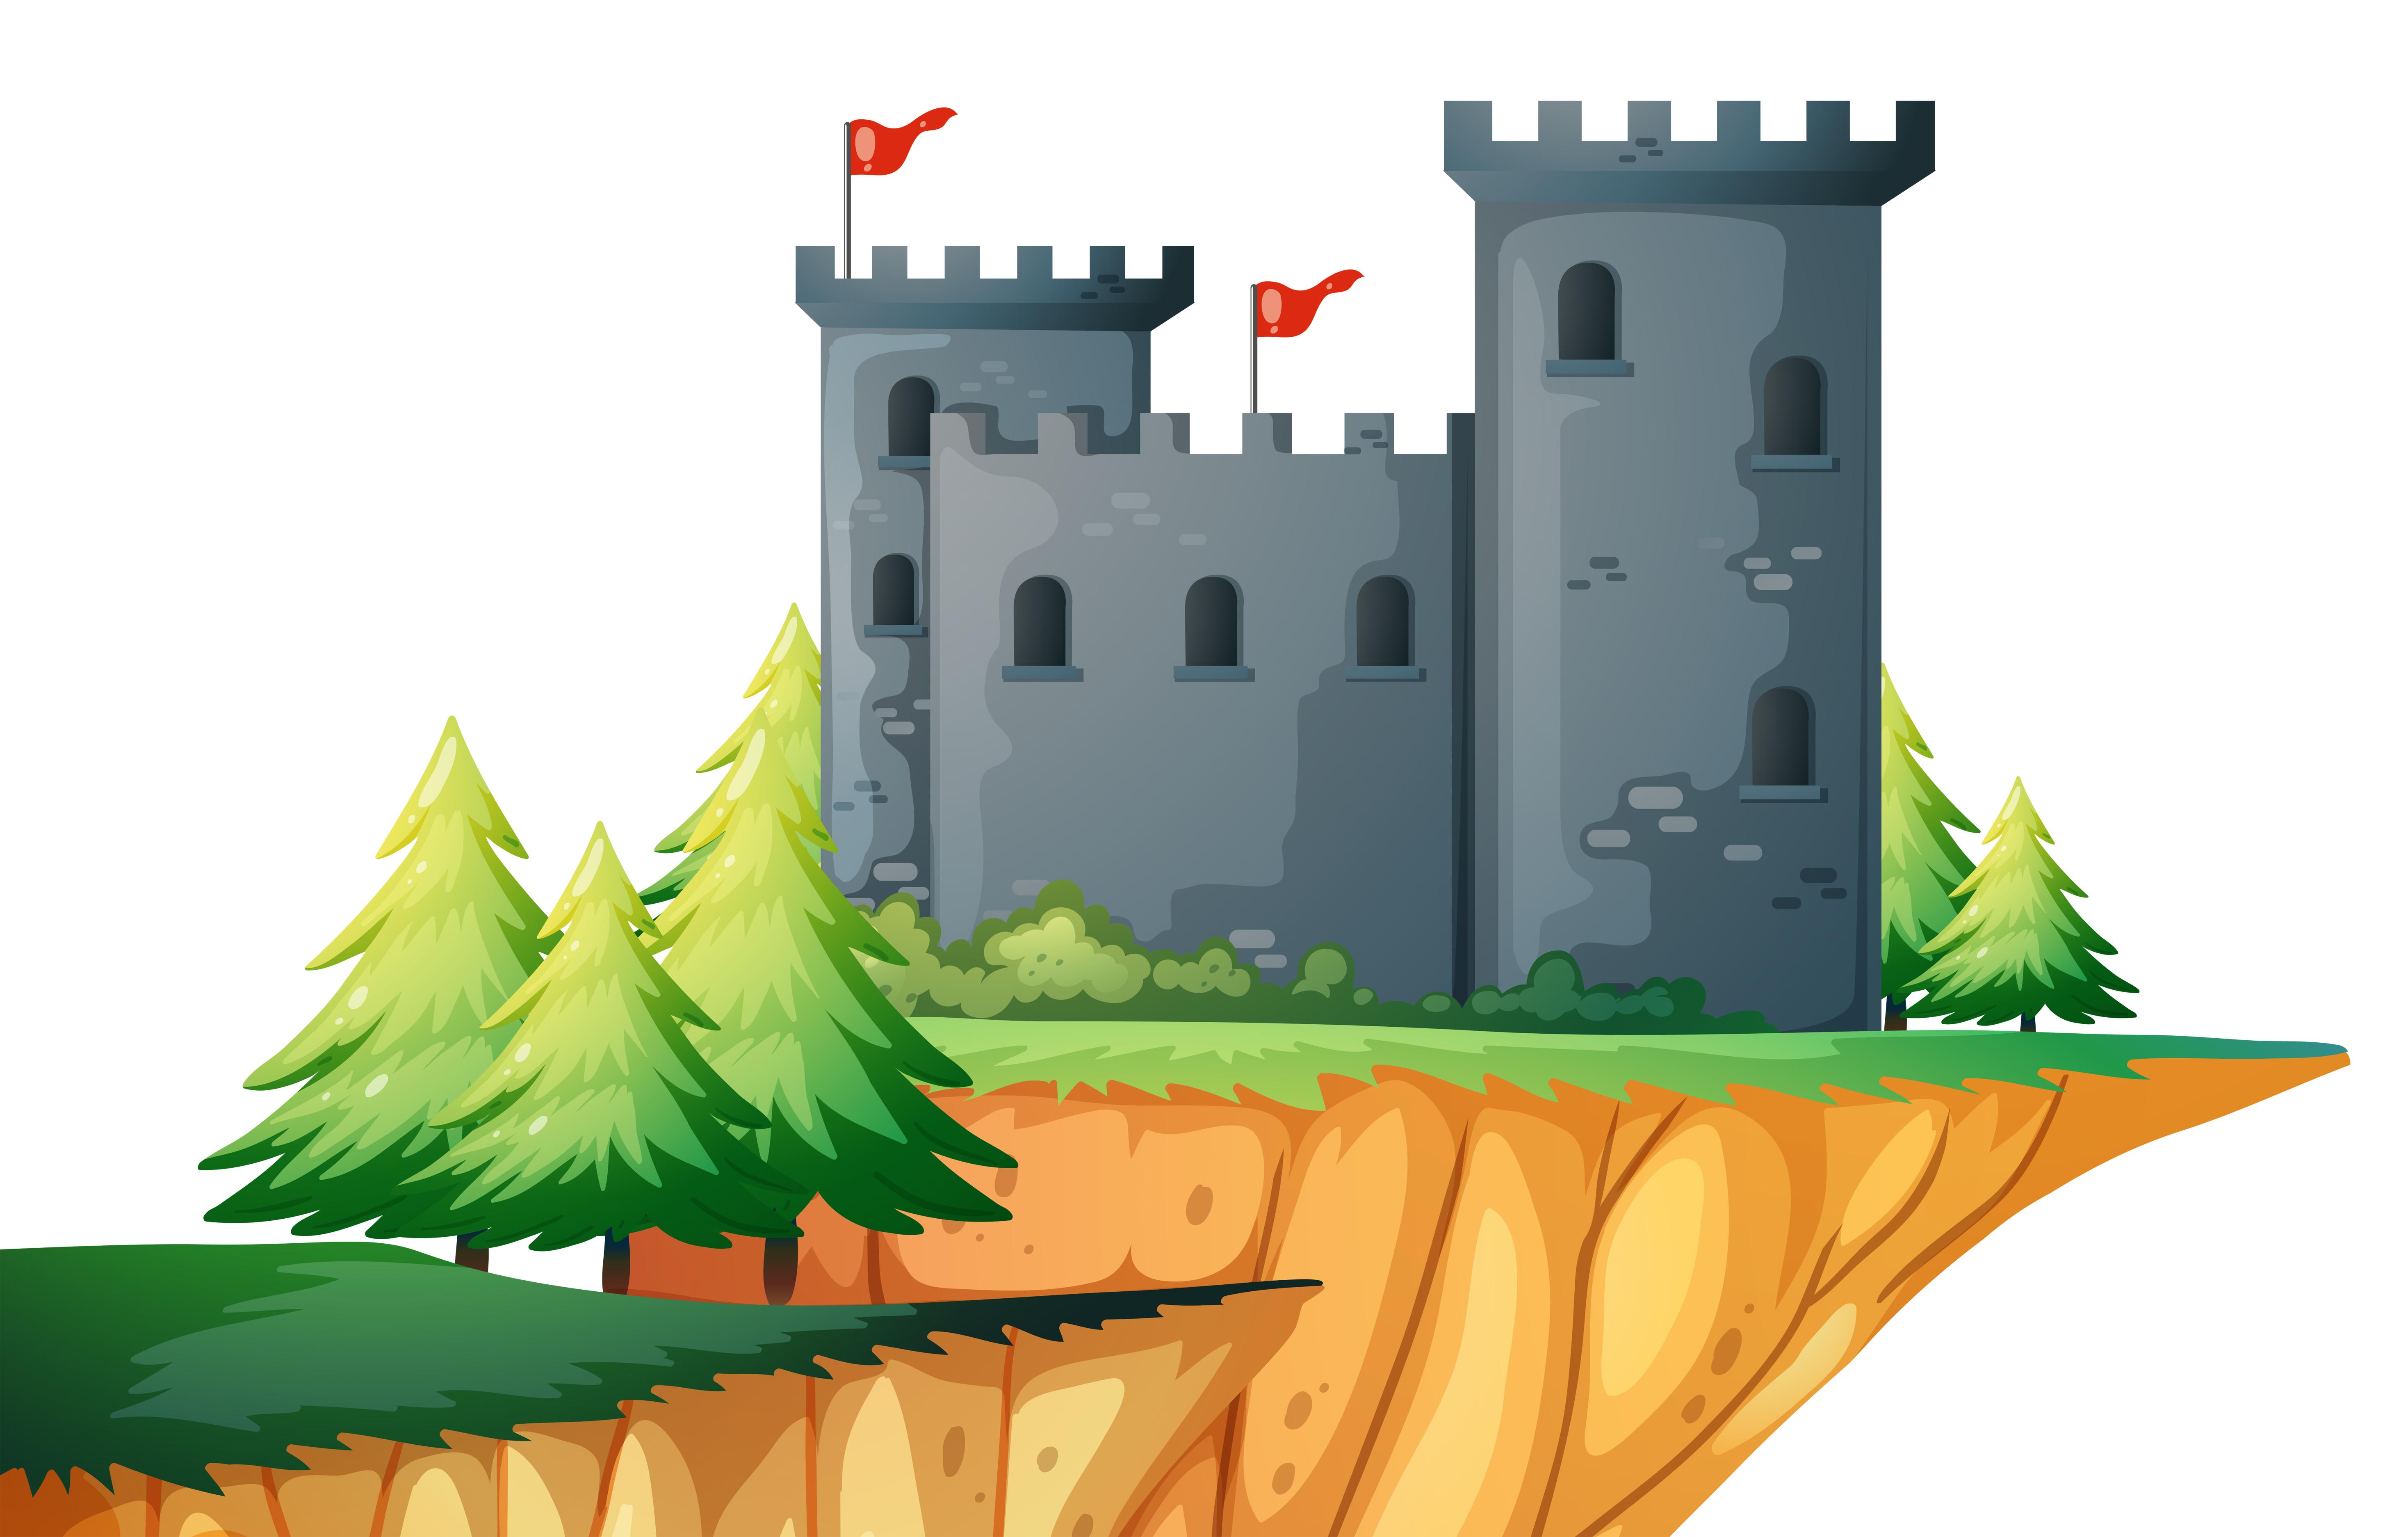 城堡卡通 免費下載   天天瘋後製